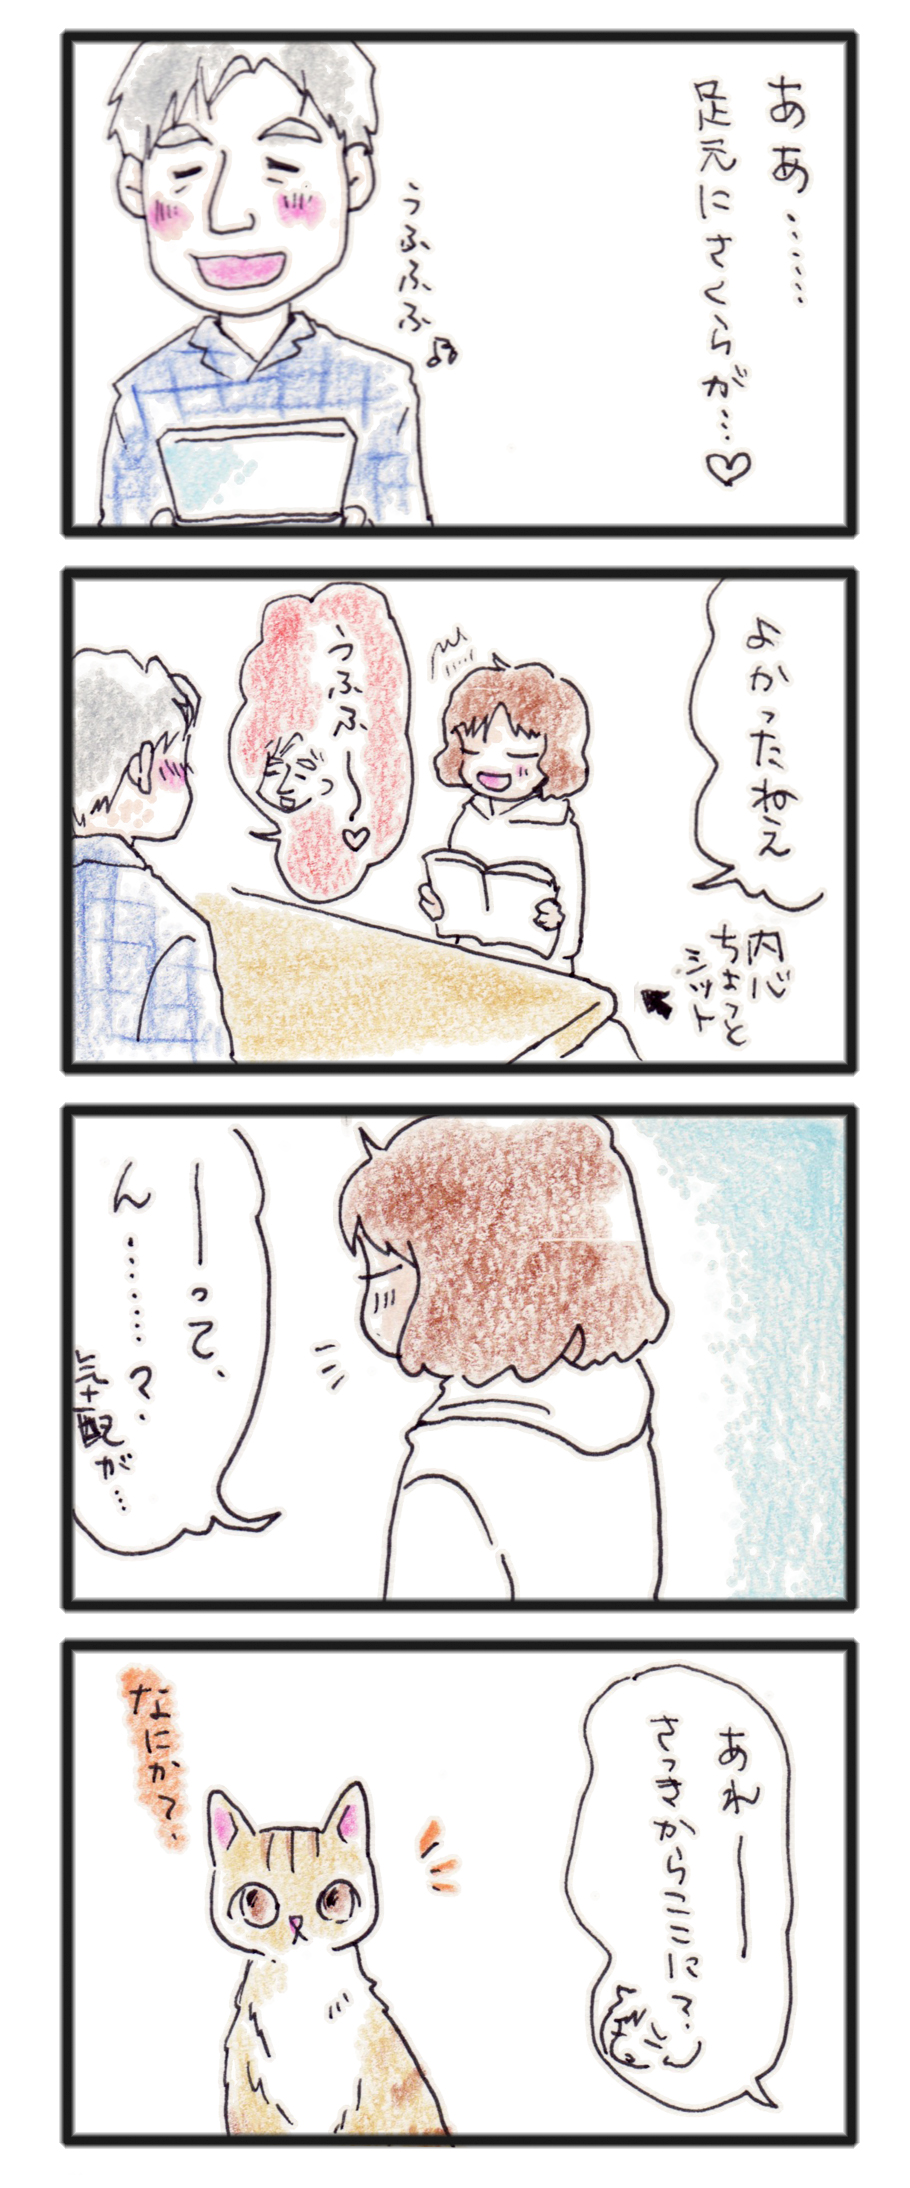 comic_4c_14031101.jpg